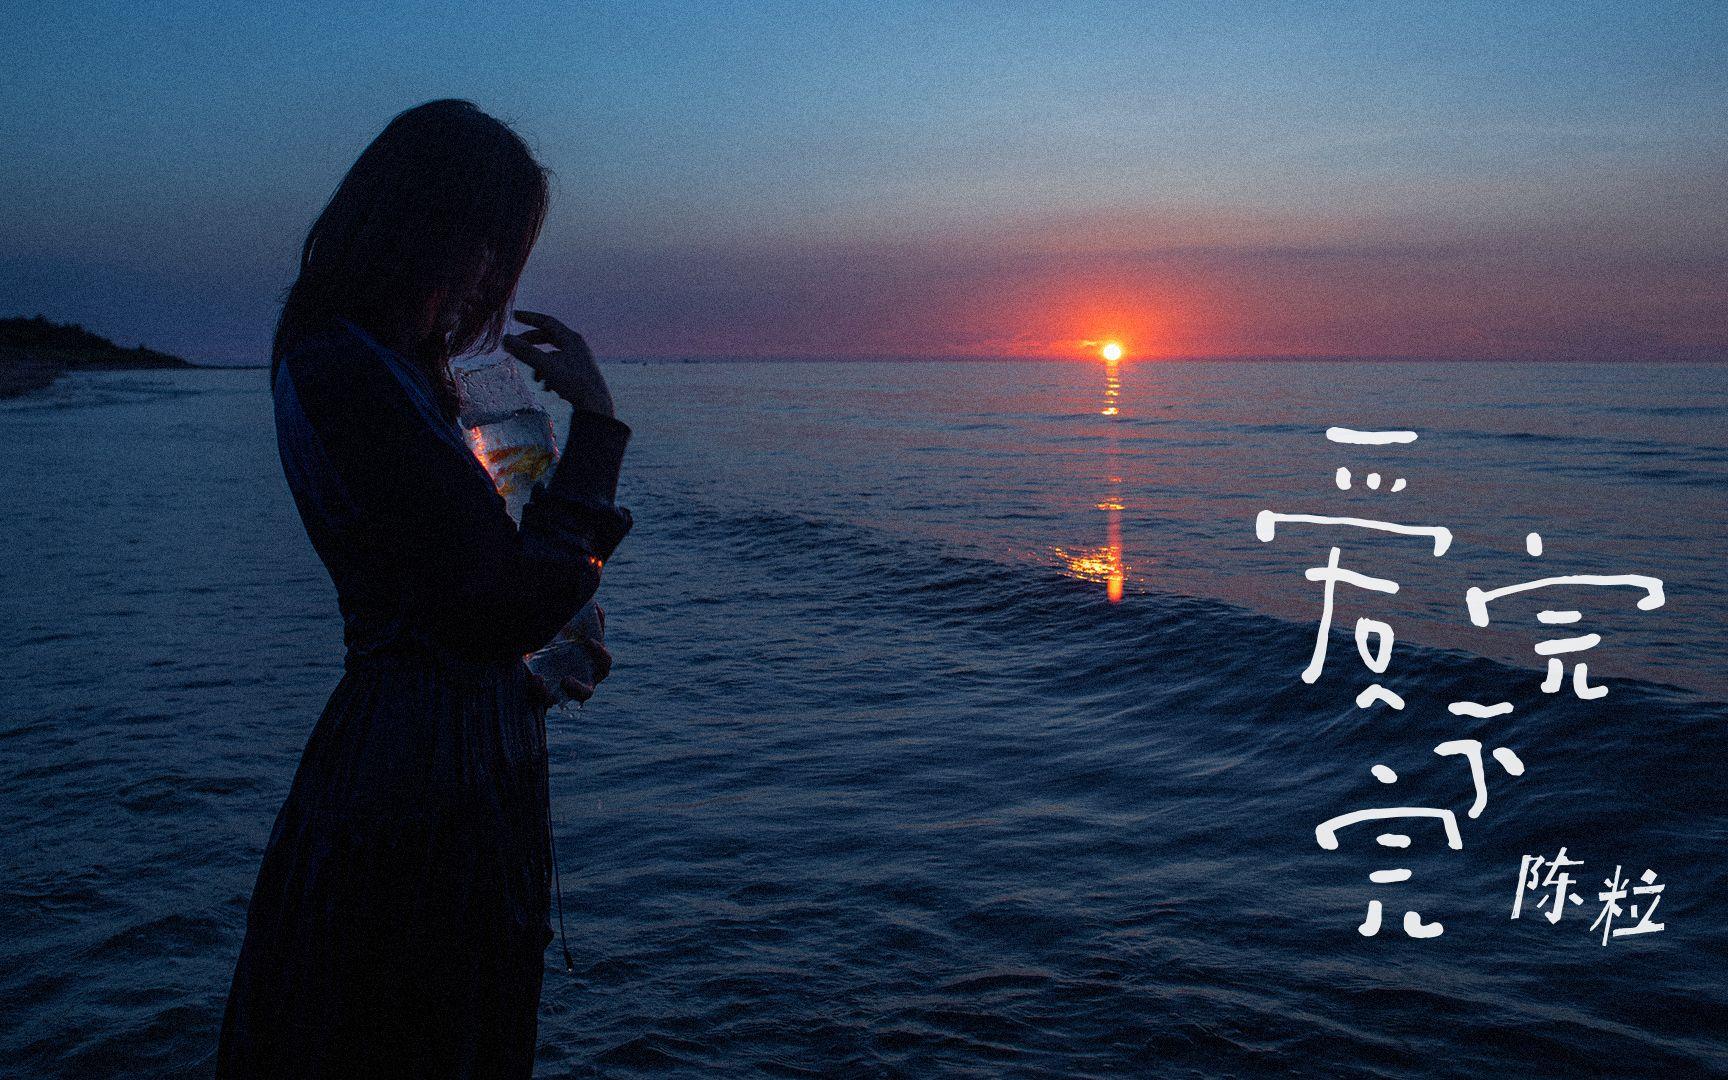 【官方】陈粒《爱完不完》MV_哔哩哔哩 (゜-゜)つロ 干杯~-bilibili